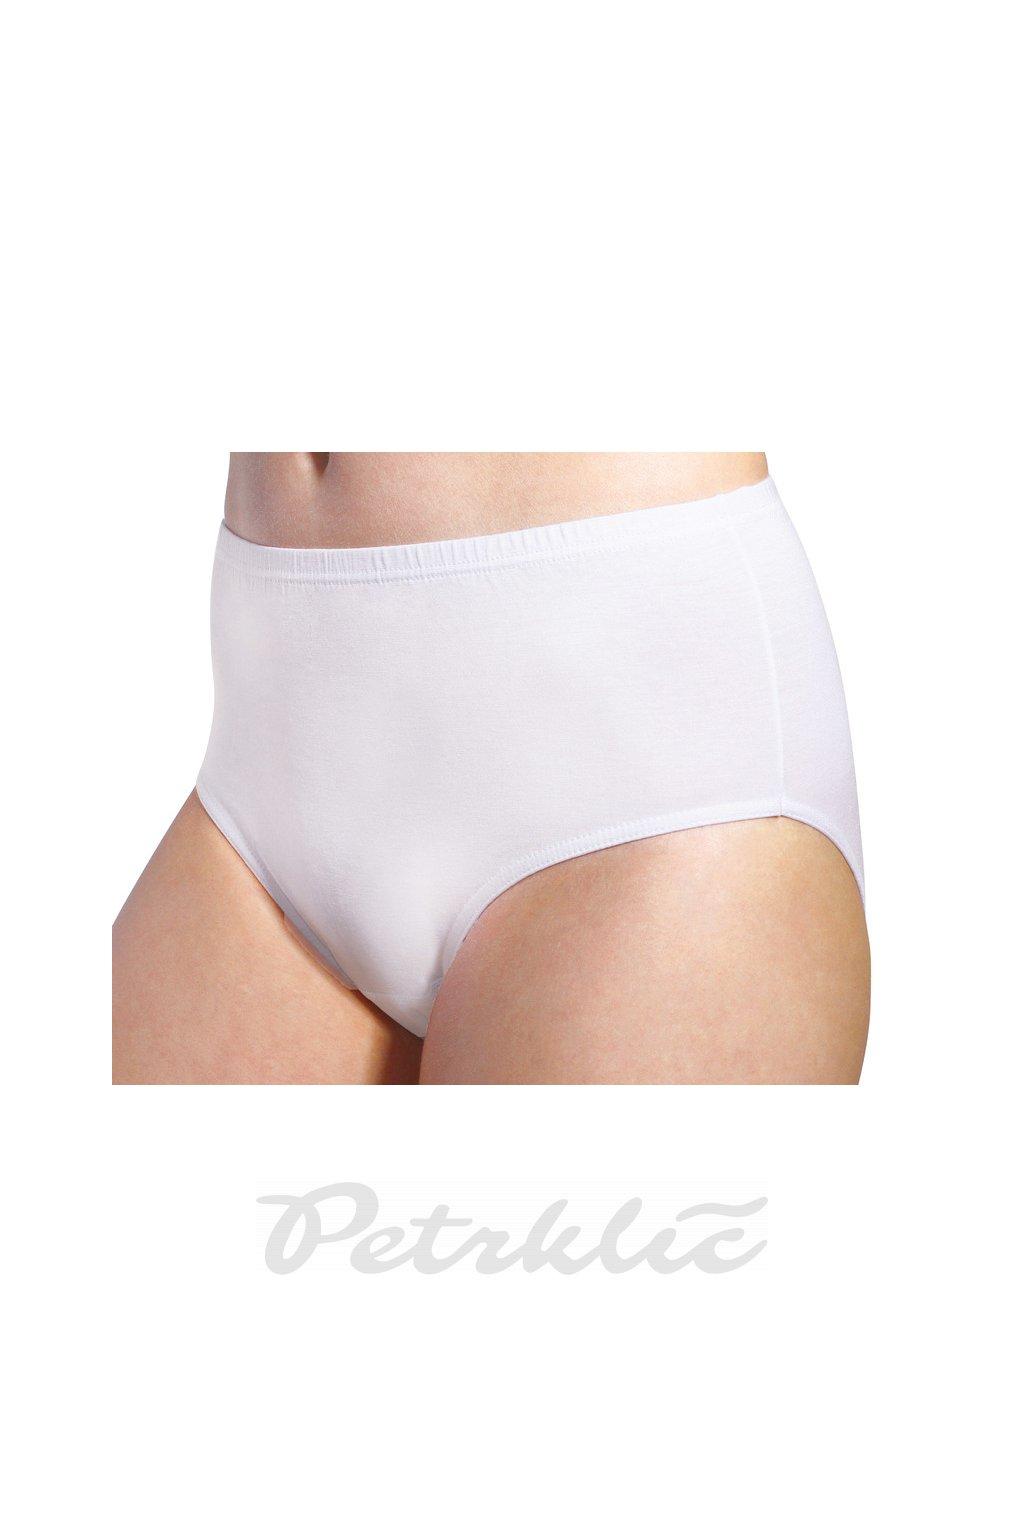 ANTONIE - kalhotky